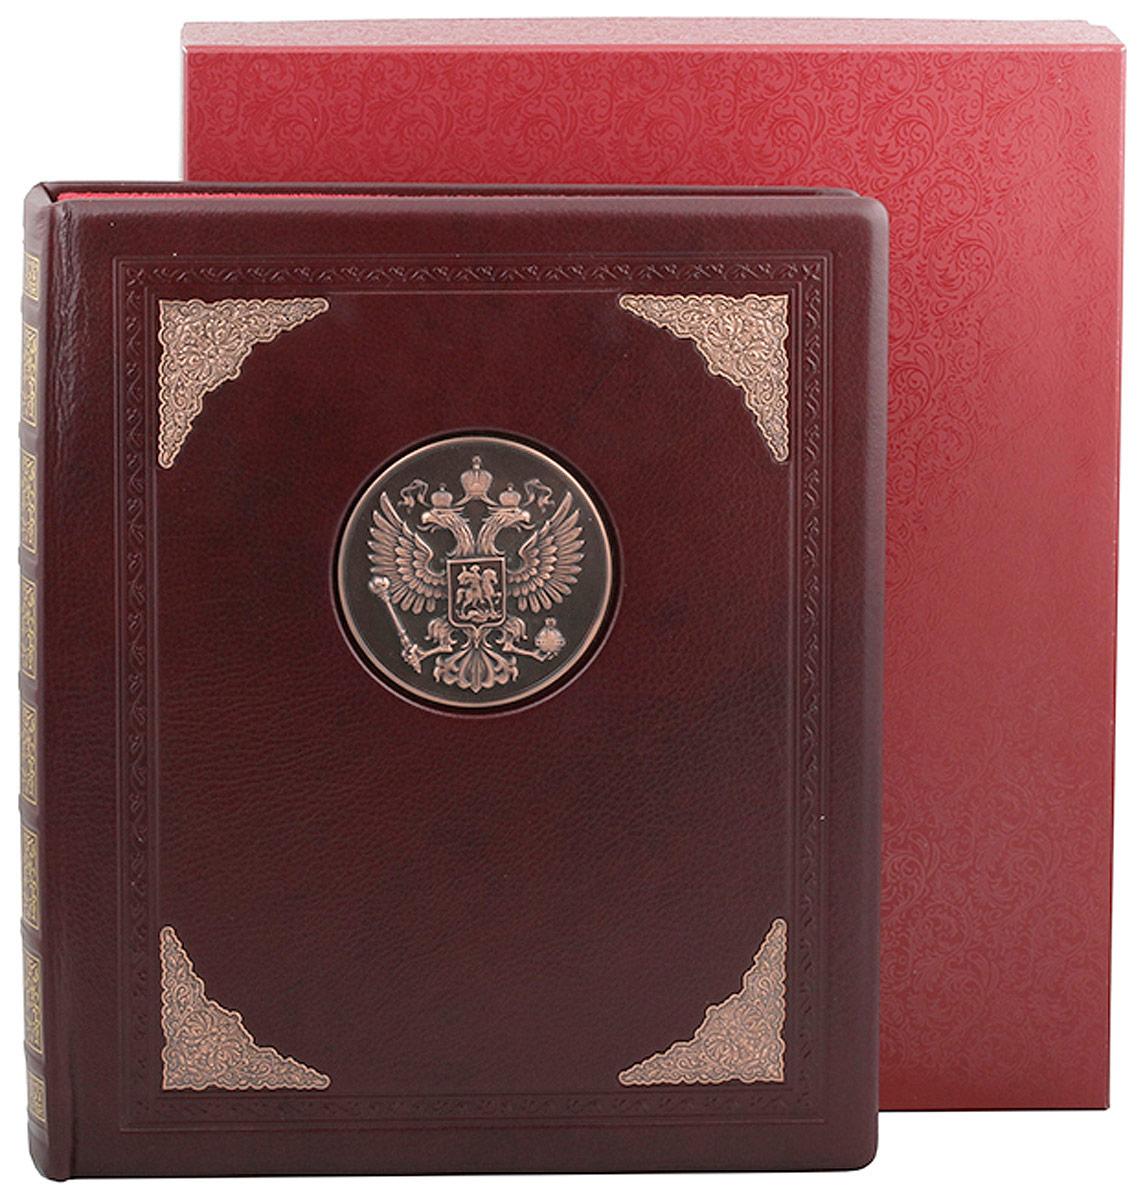 Фотоальбом Город Подарков, с литыми уголками, цвет: бордовый, 31,5 x 36,5 см фотоальбом 6171